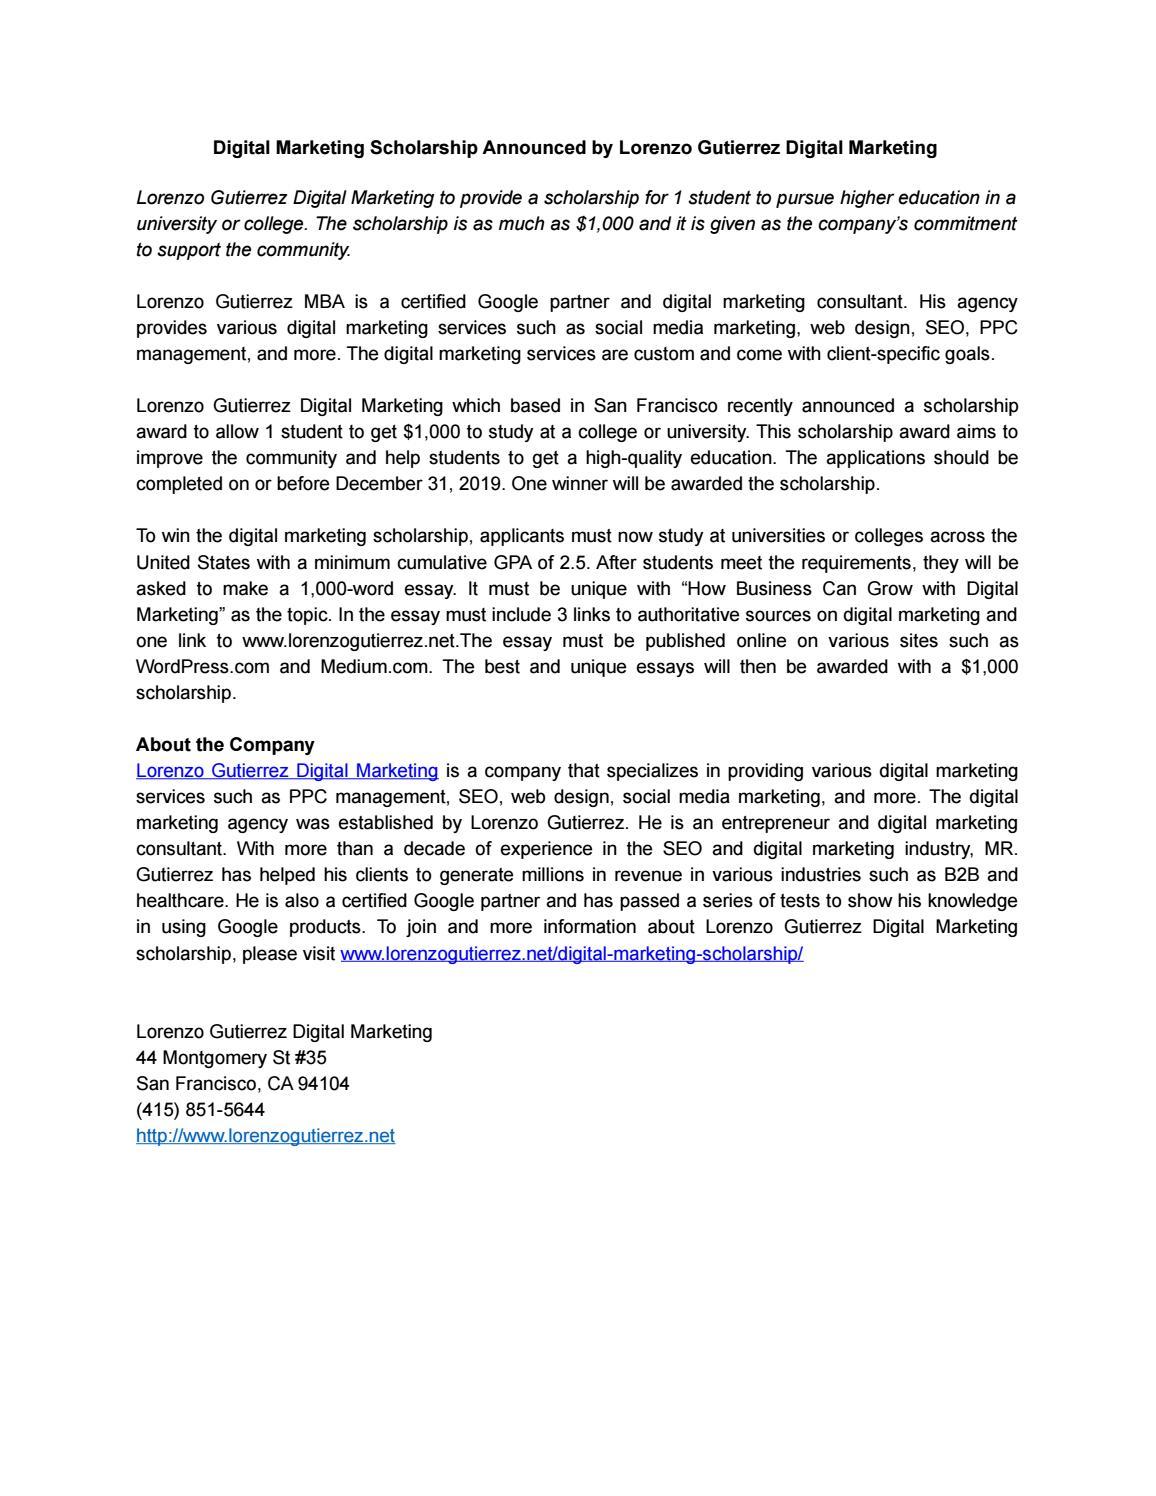 1000 Digital Marketing Scholarship Award Announced By Demetrius Ad Issuu